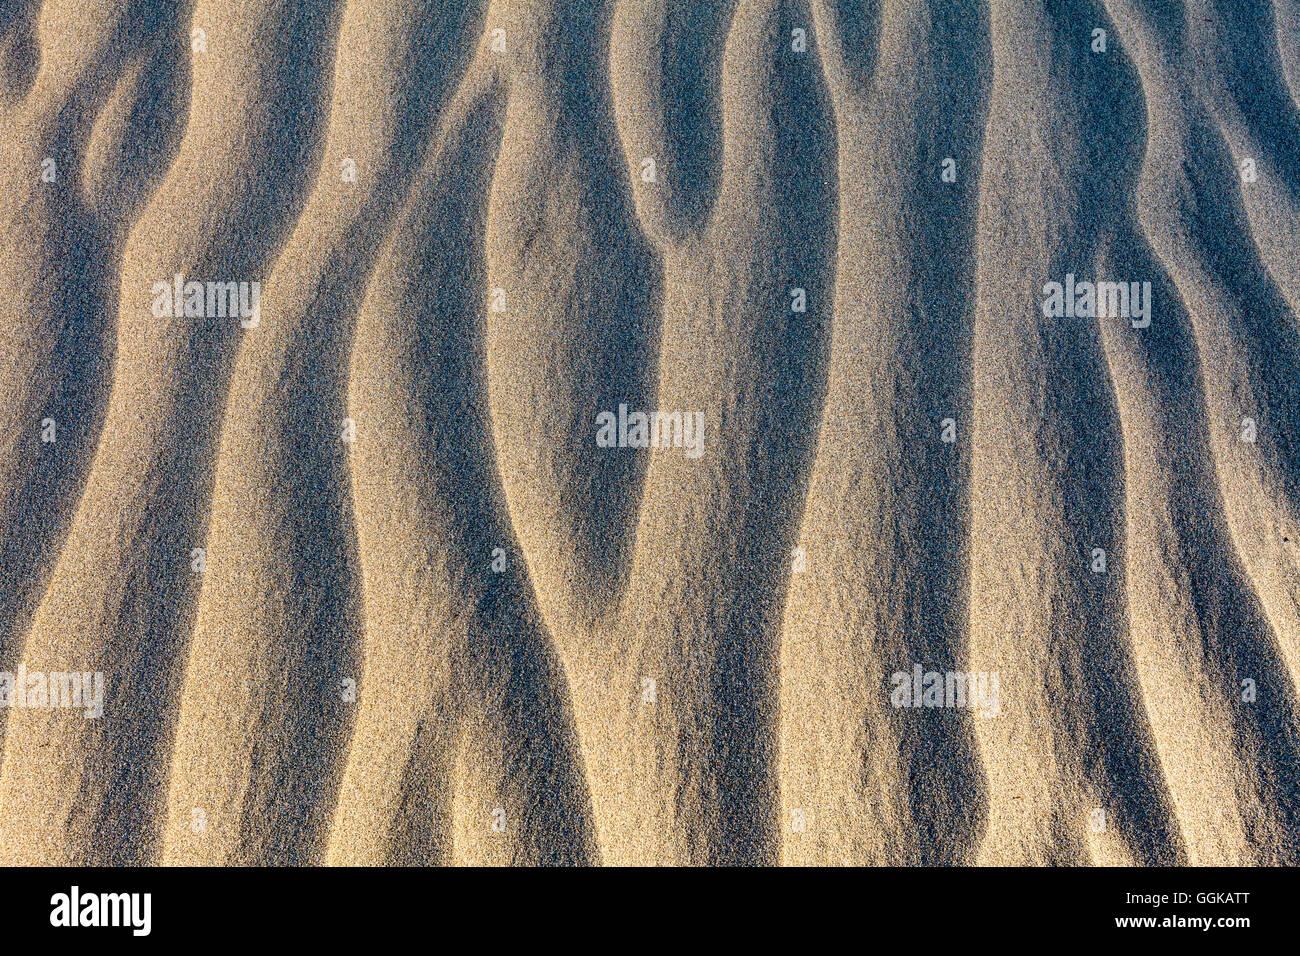 Muster auf einer Sanddüne, die Dünen von Maspalomas, Gran Canaria, Kanarische Inseln, Spanien Stockbild